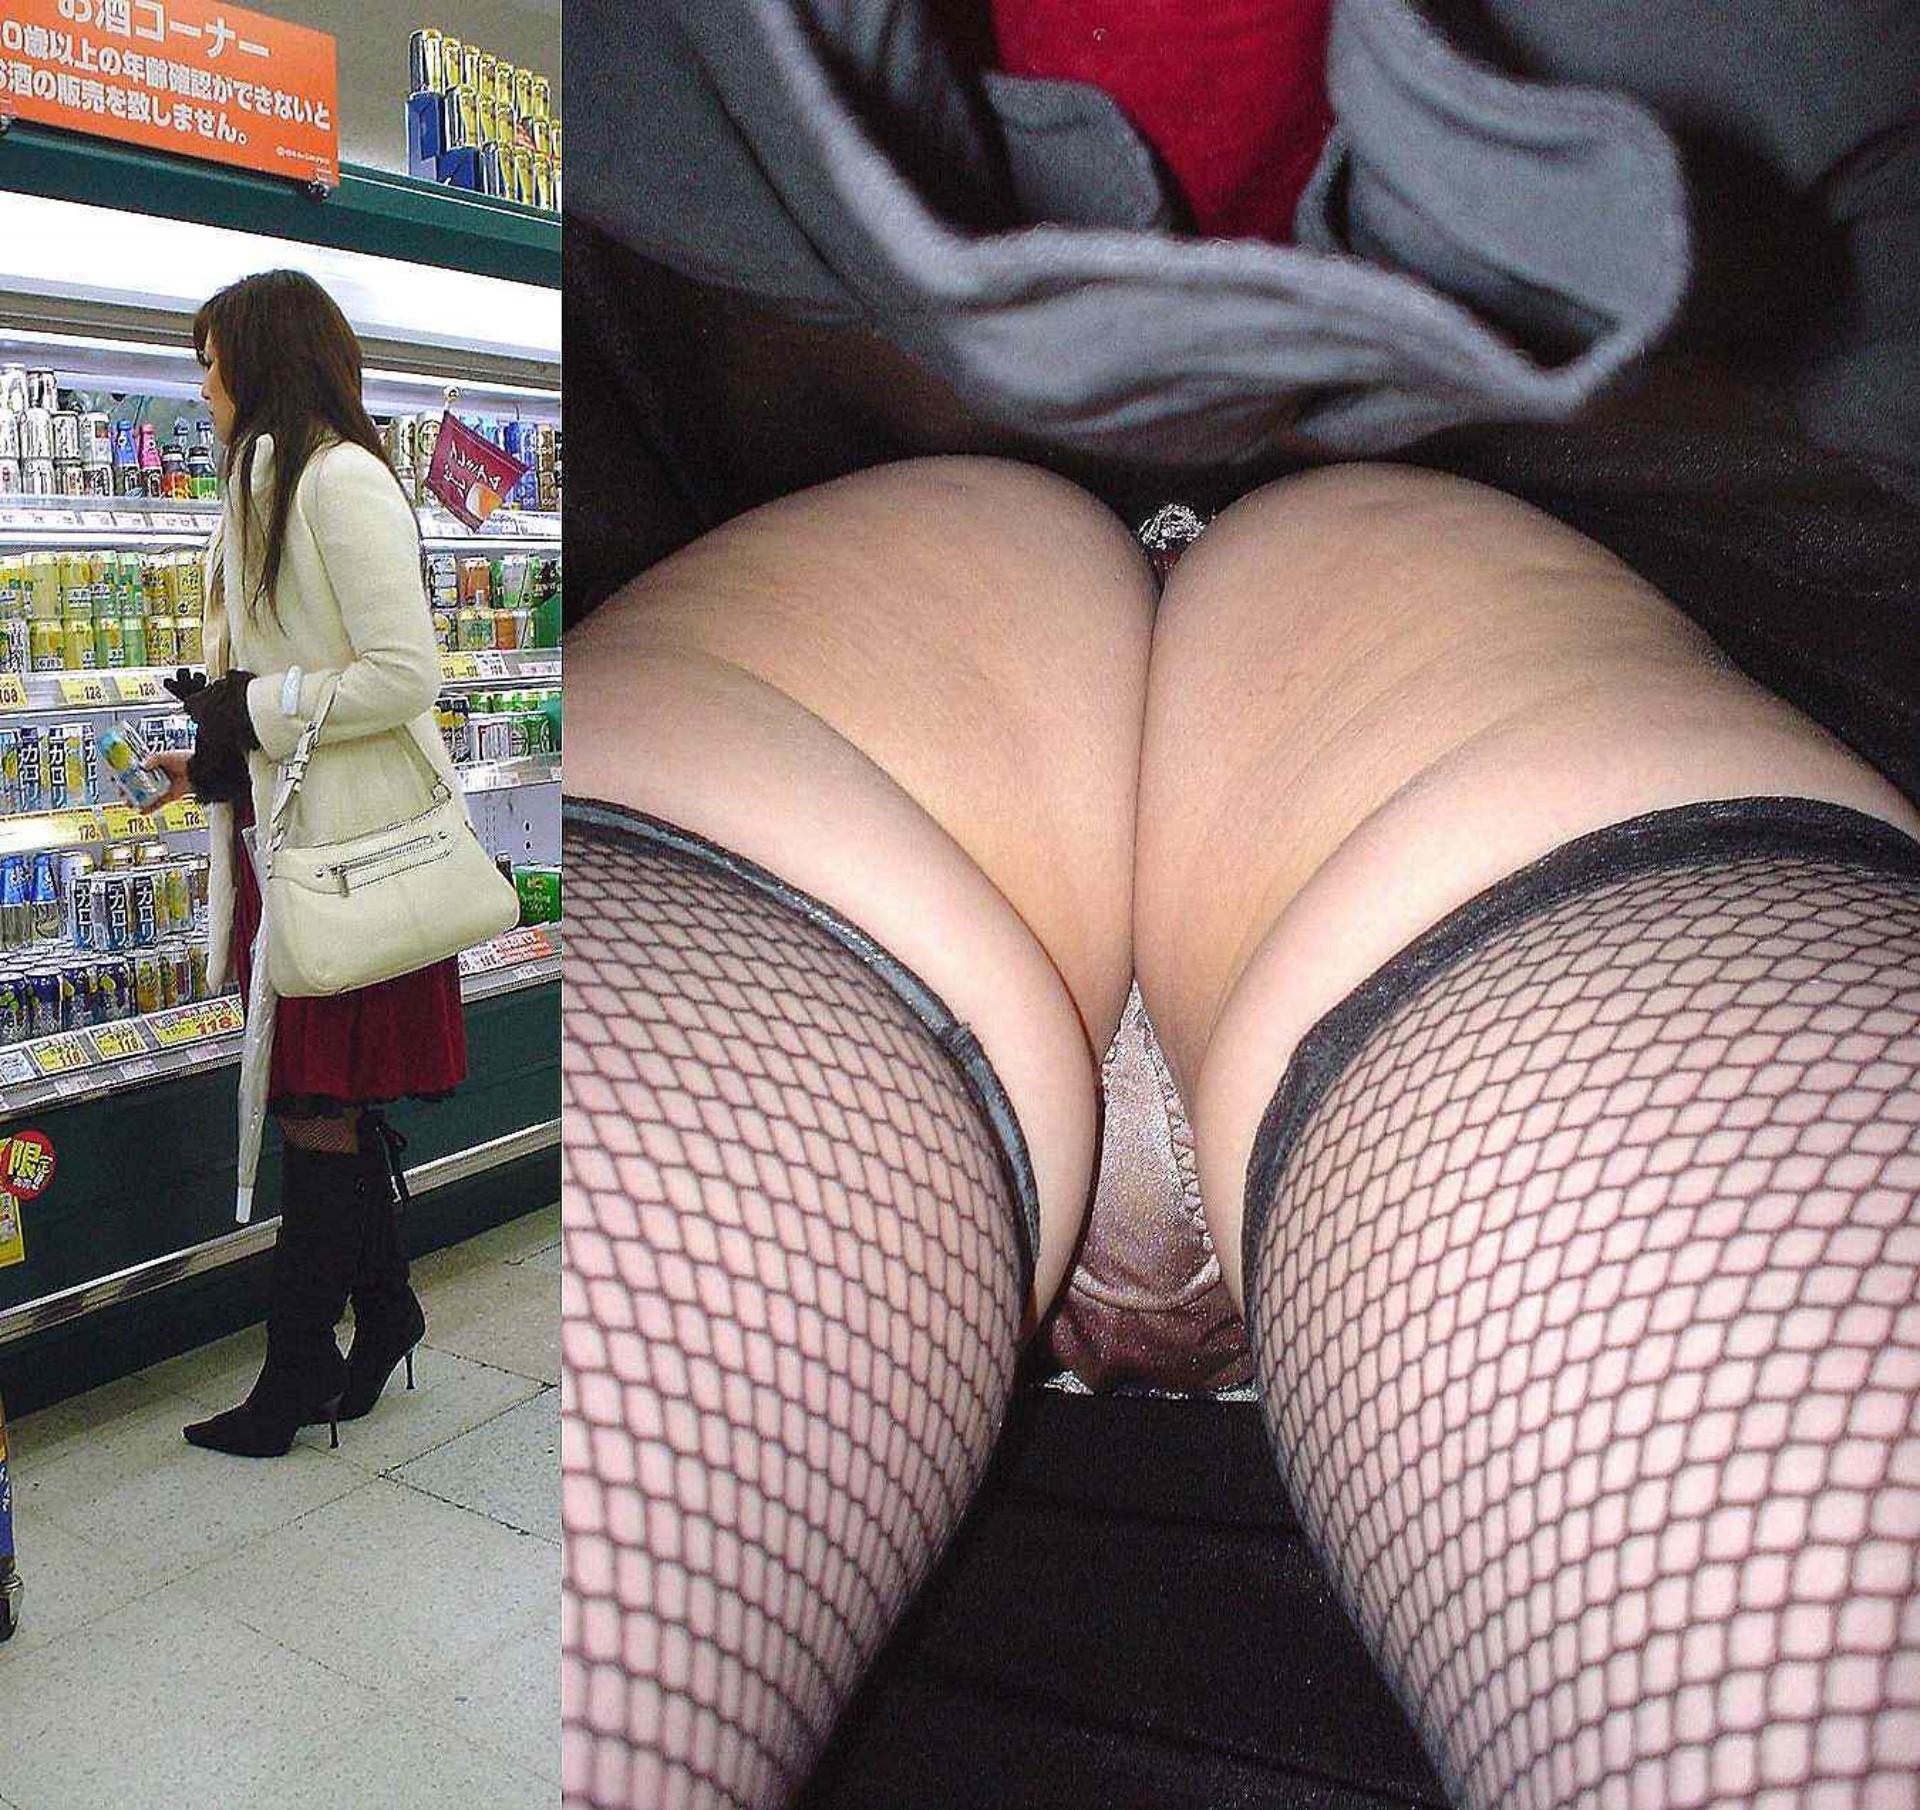 スーパーでお酒を購入する女性を逆さ撮り!